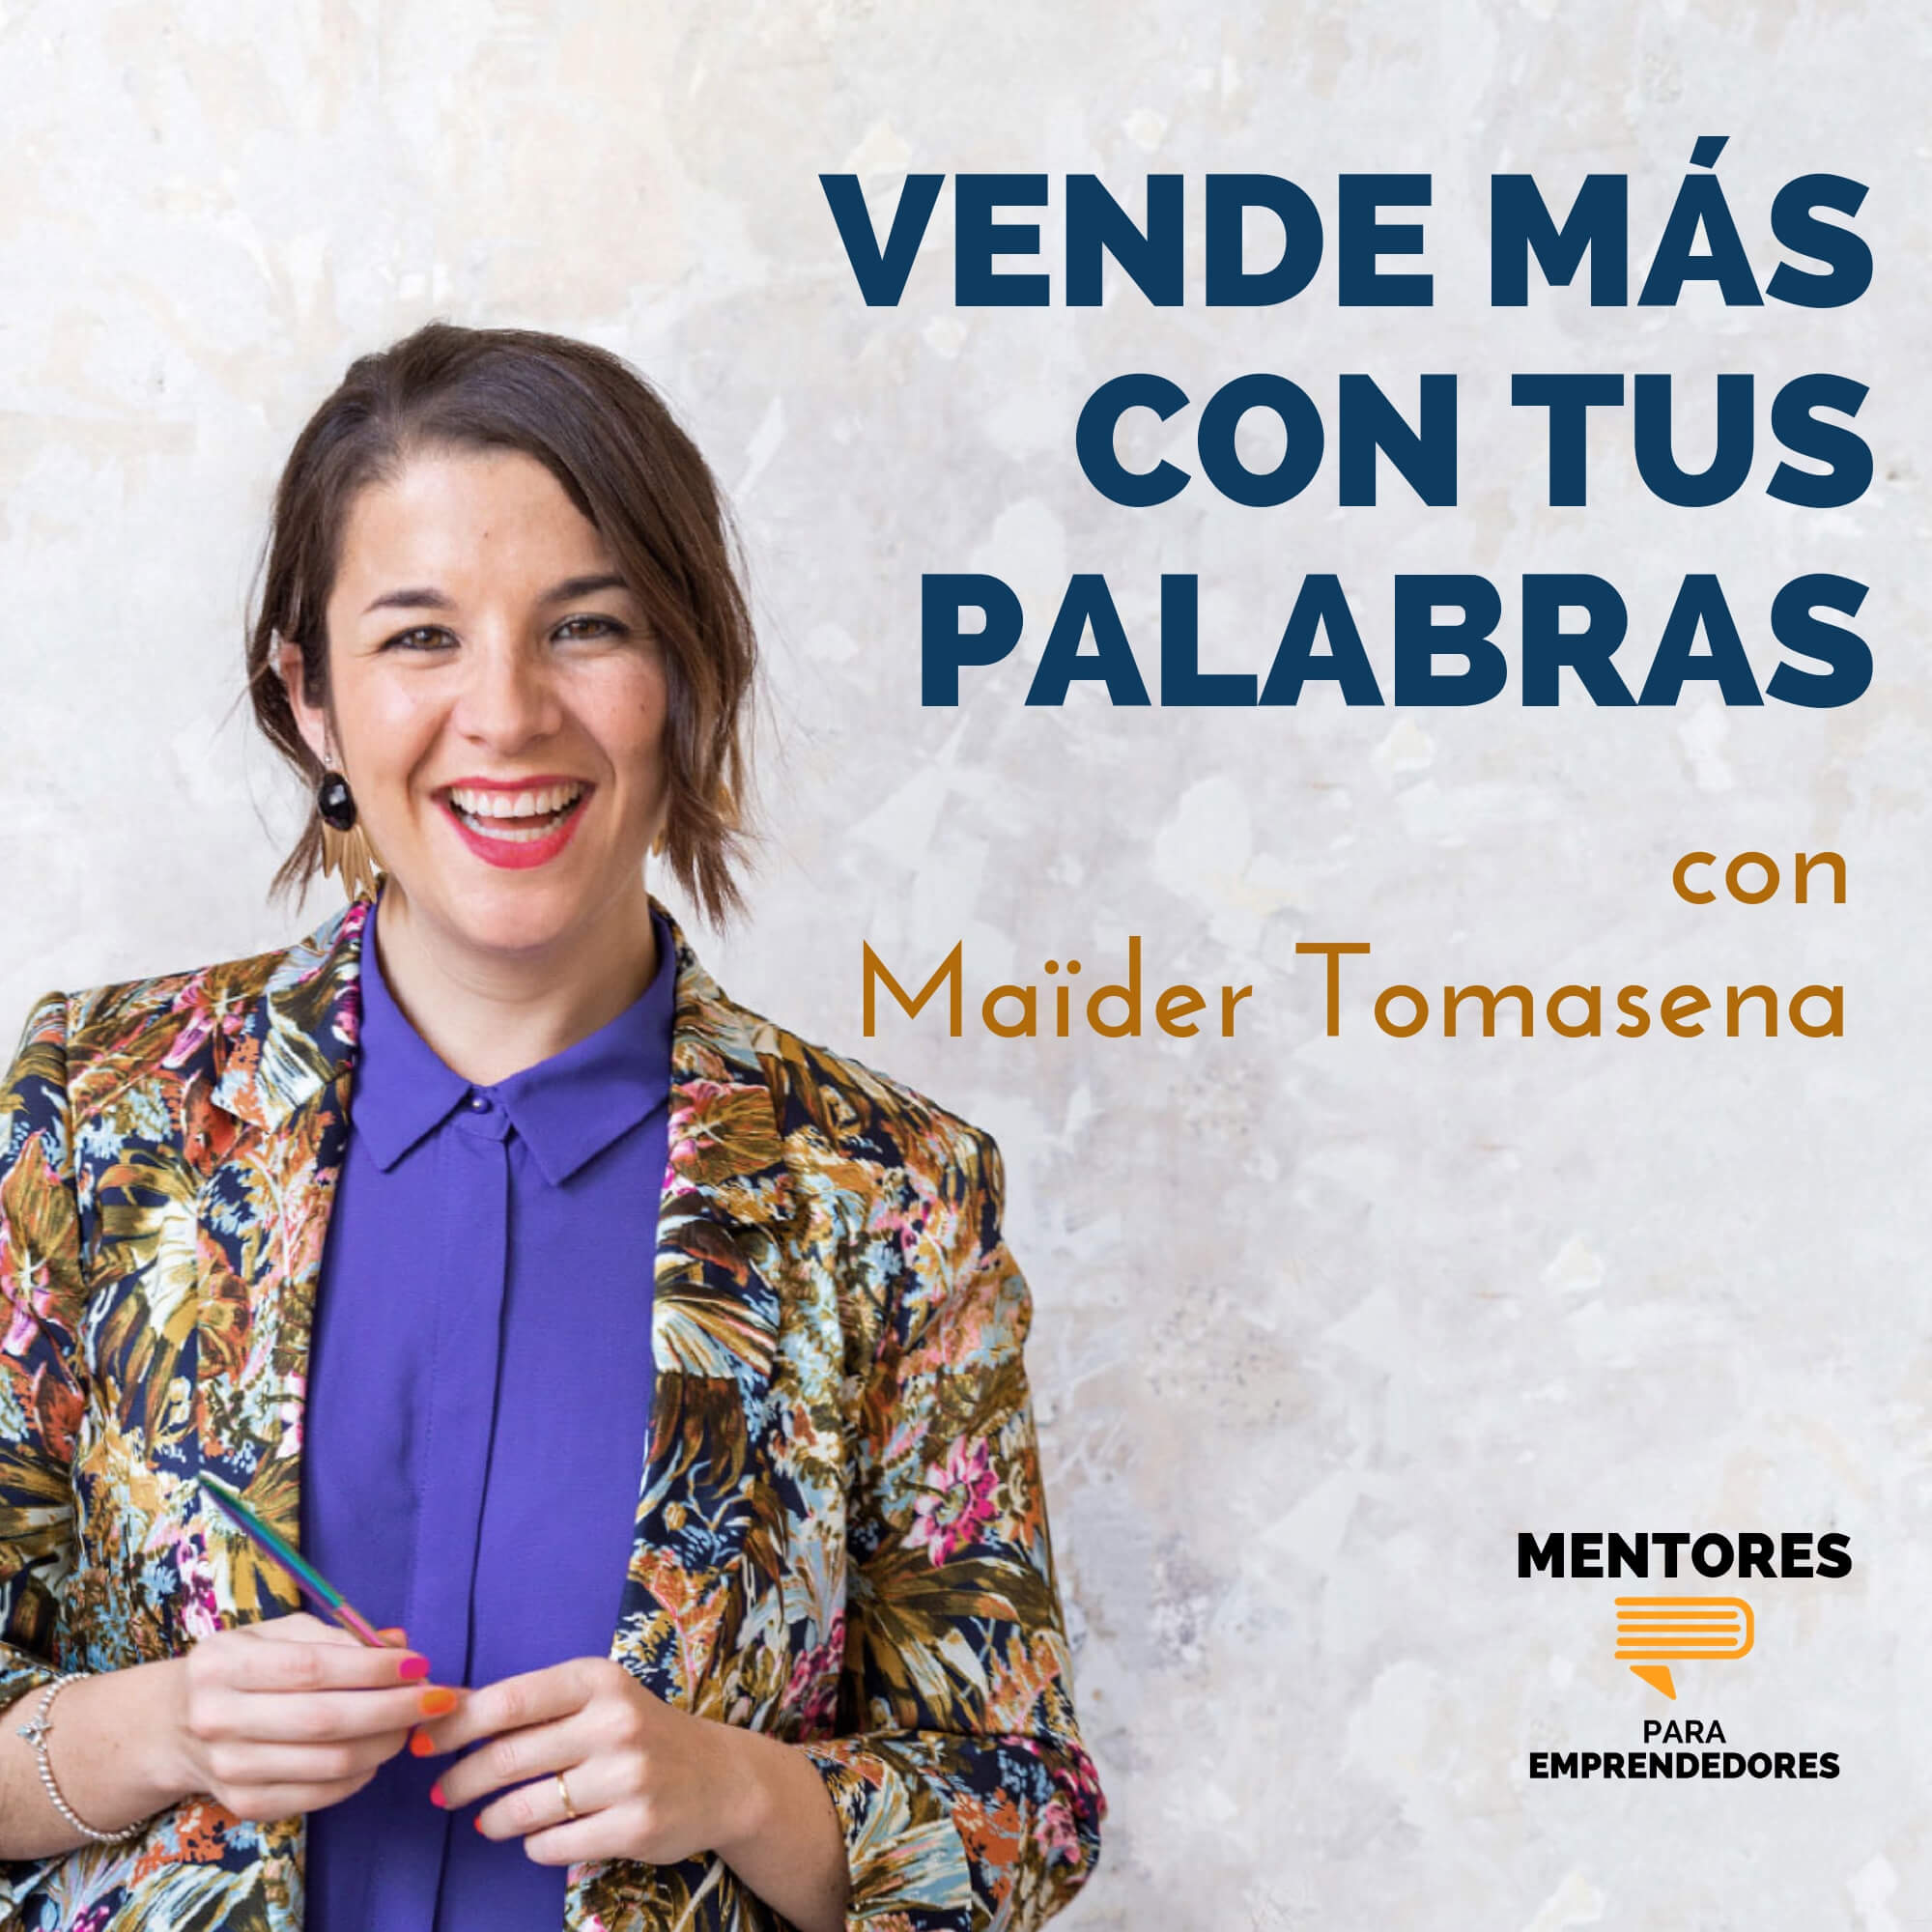 Cómo Vender Más Con Tus Palabras, con Maïder Tomasena - MENTORES